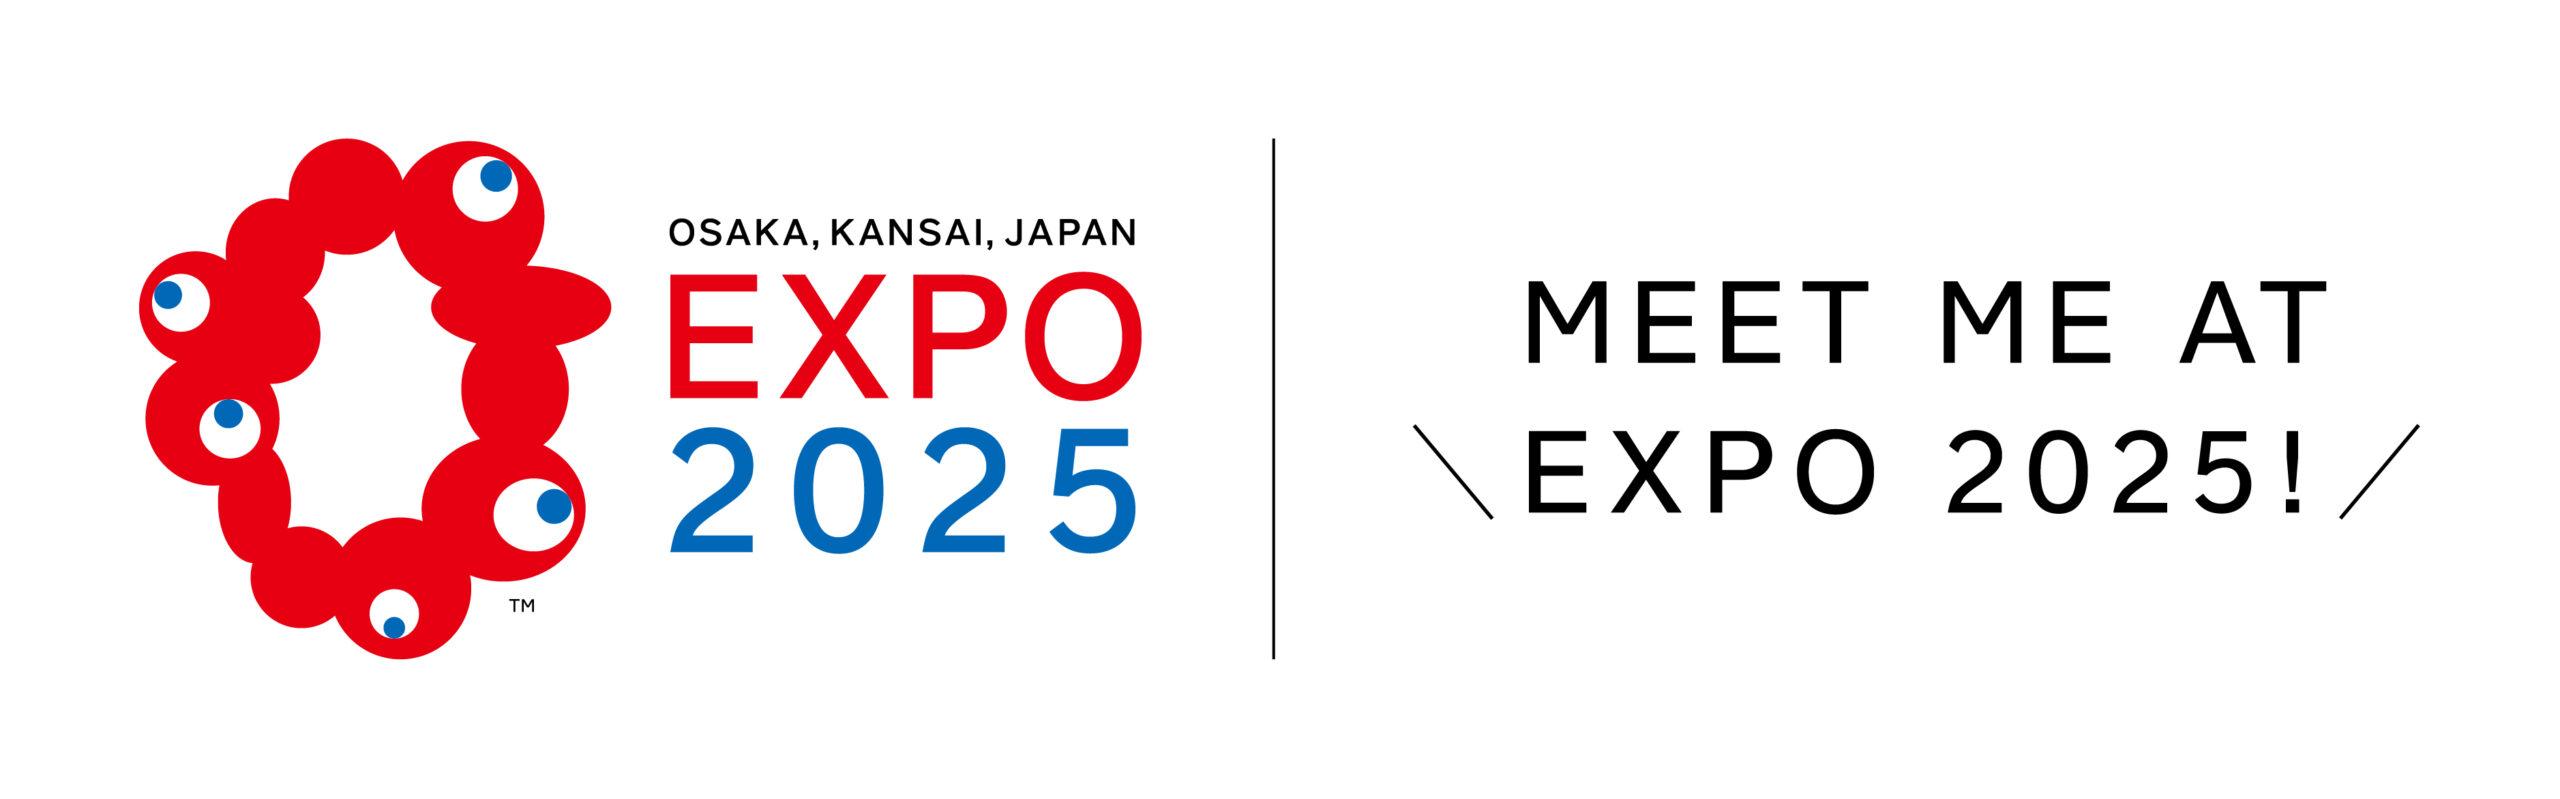 大阪万博2025年ロゴ